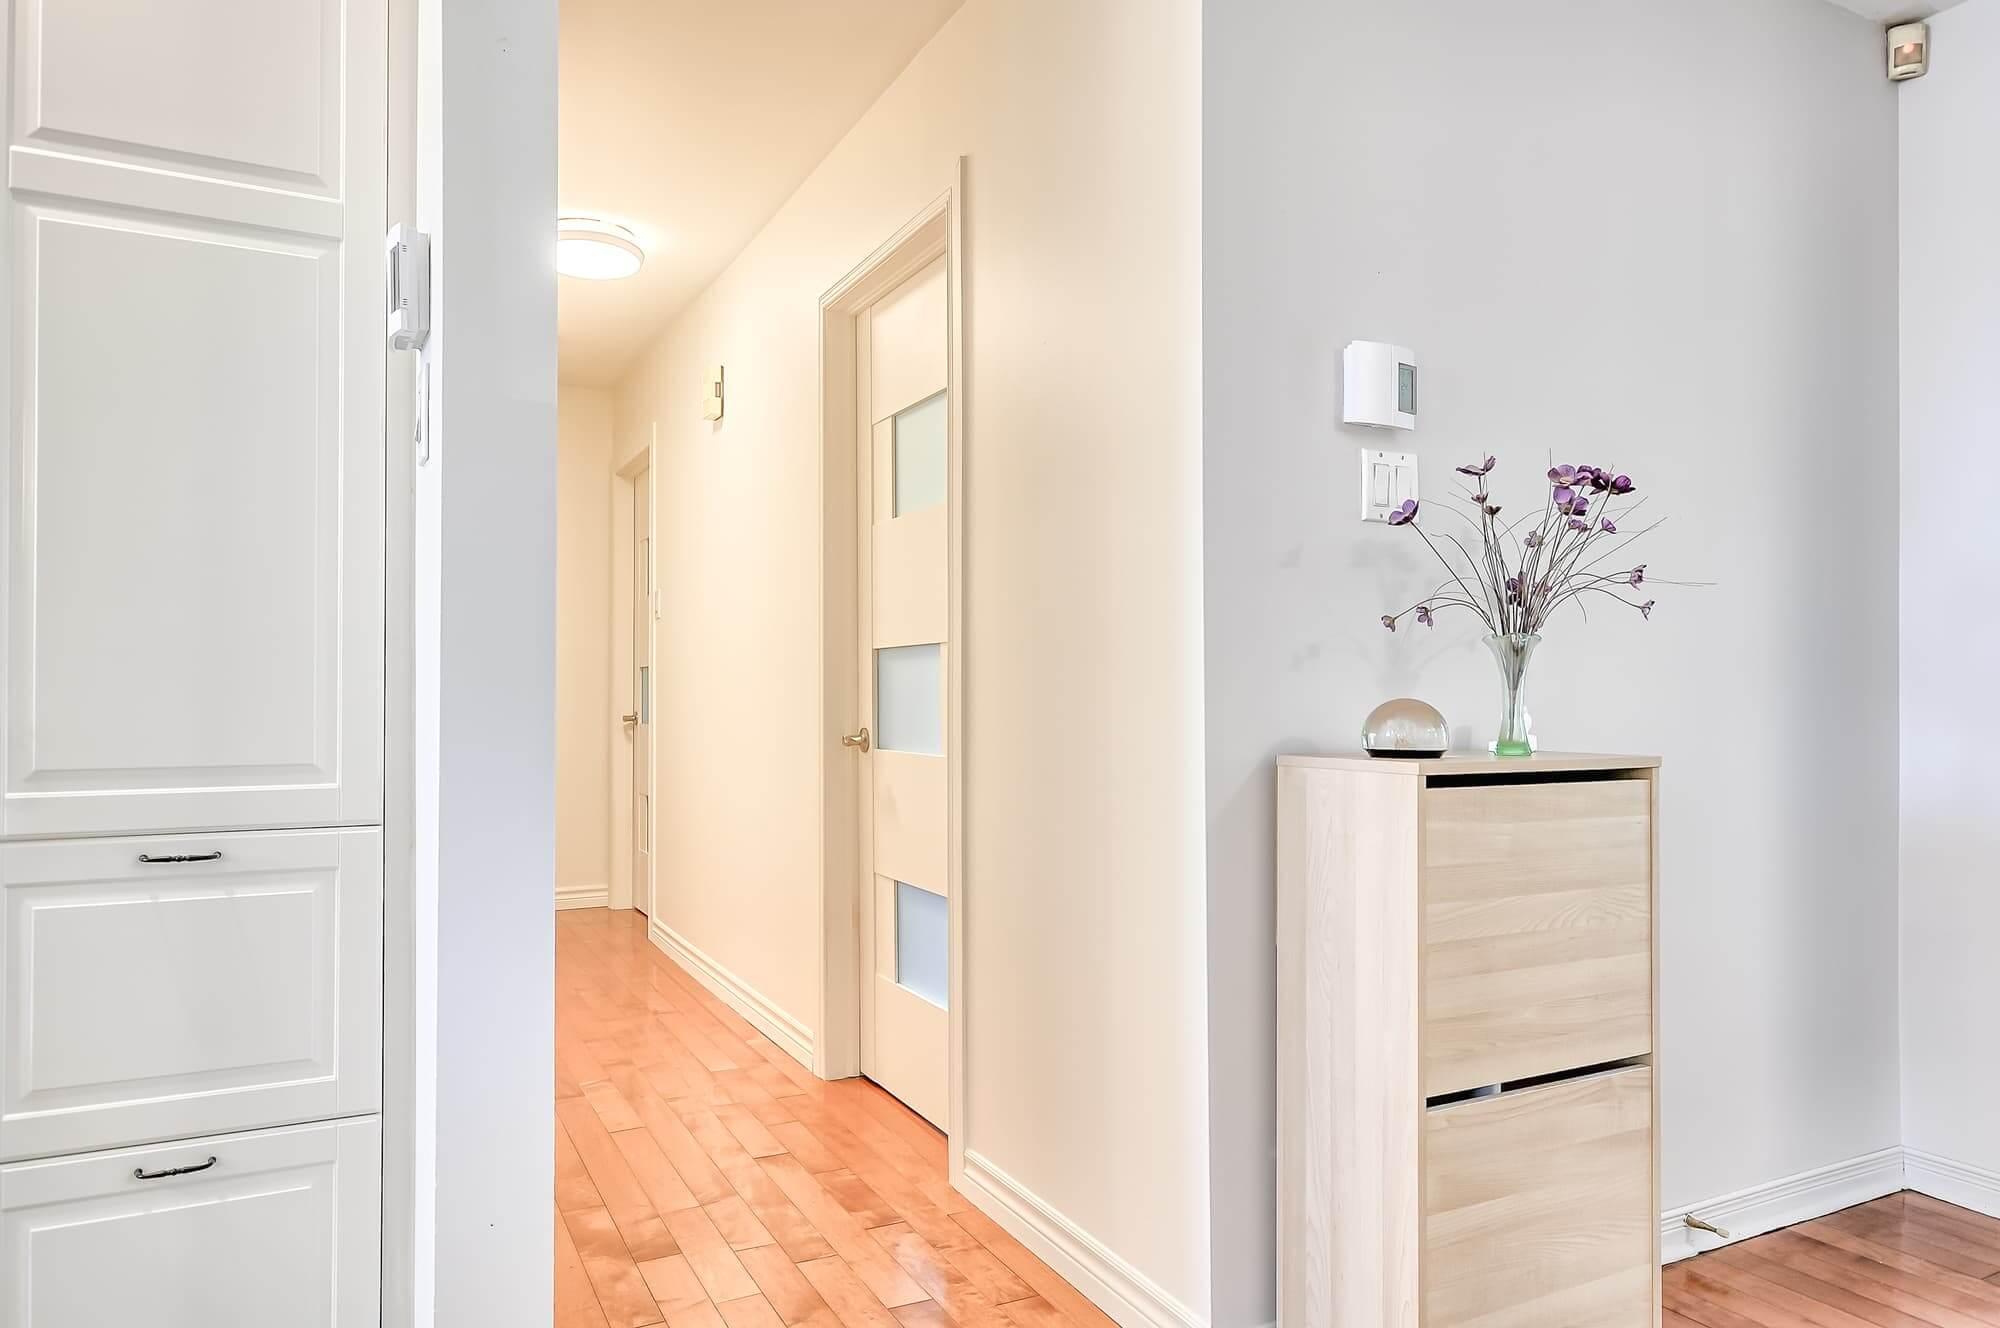 portes vitrées blanches dans passage avec plancher en bois franc et commode blanche